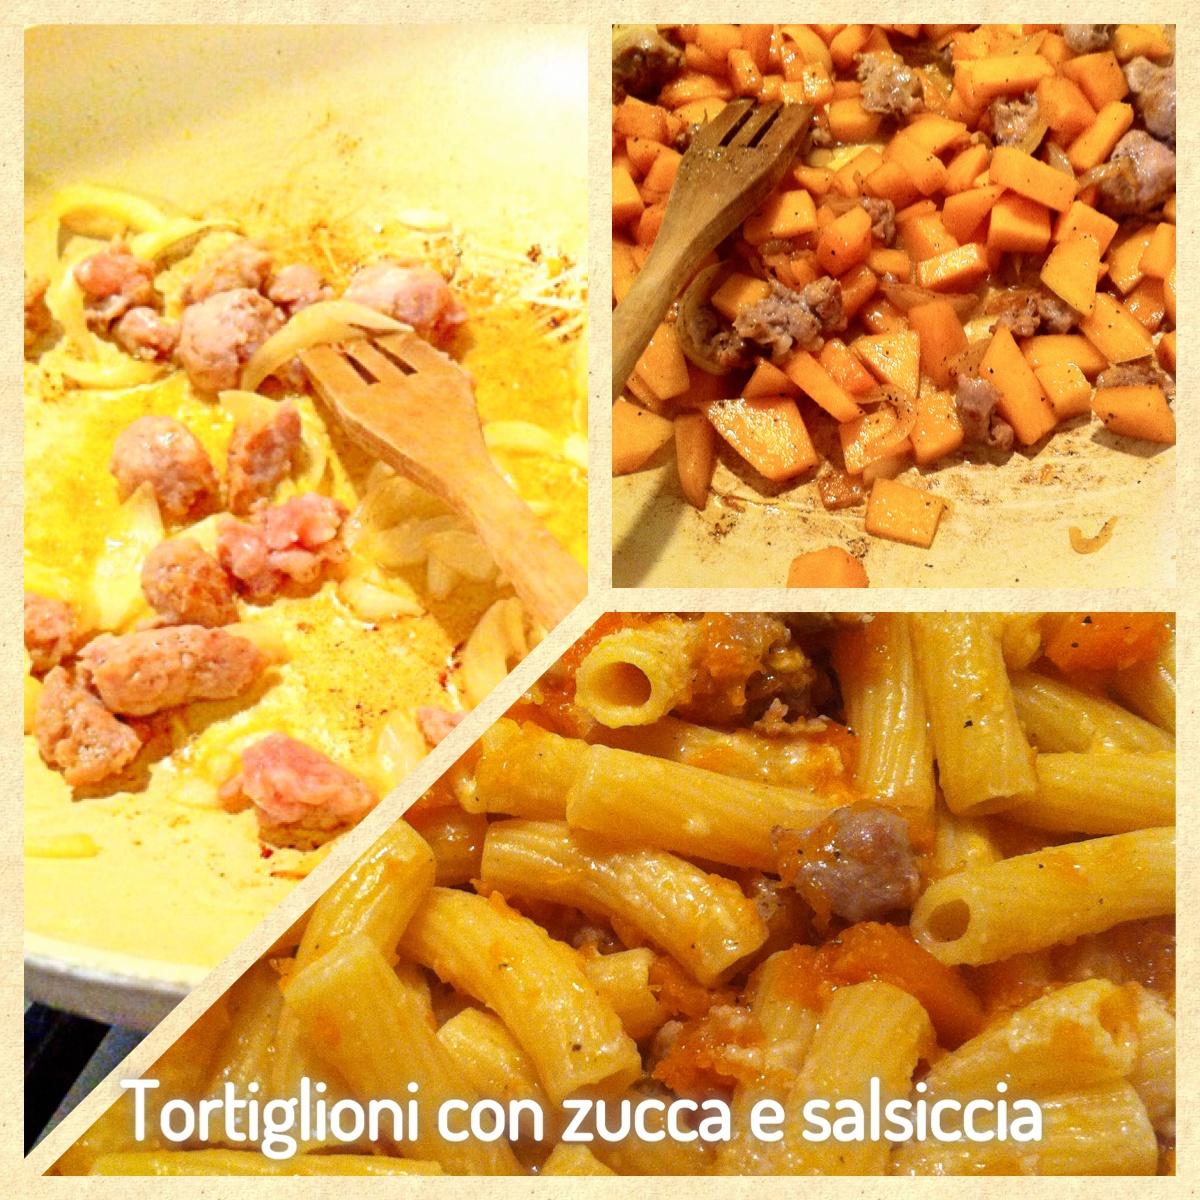 tortiglioni-zucca-e-salsiccia-2.JPG